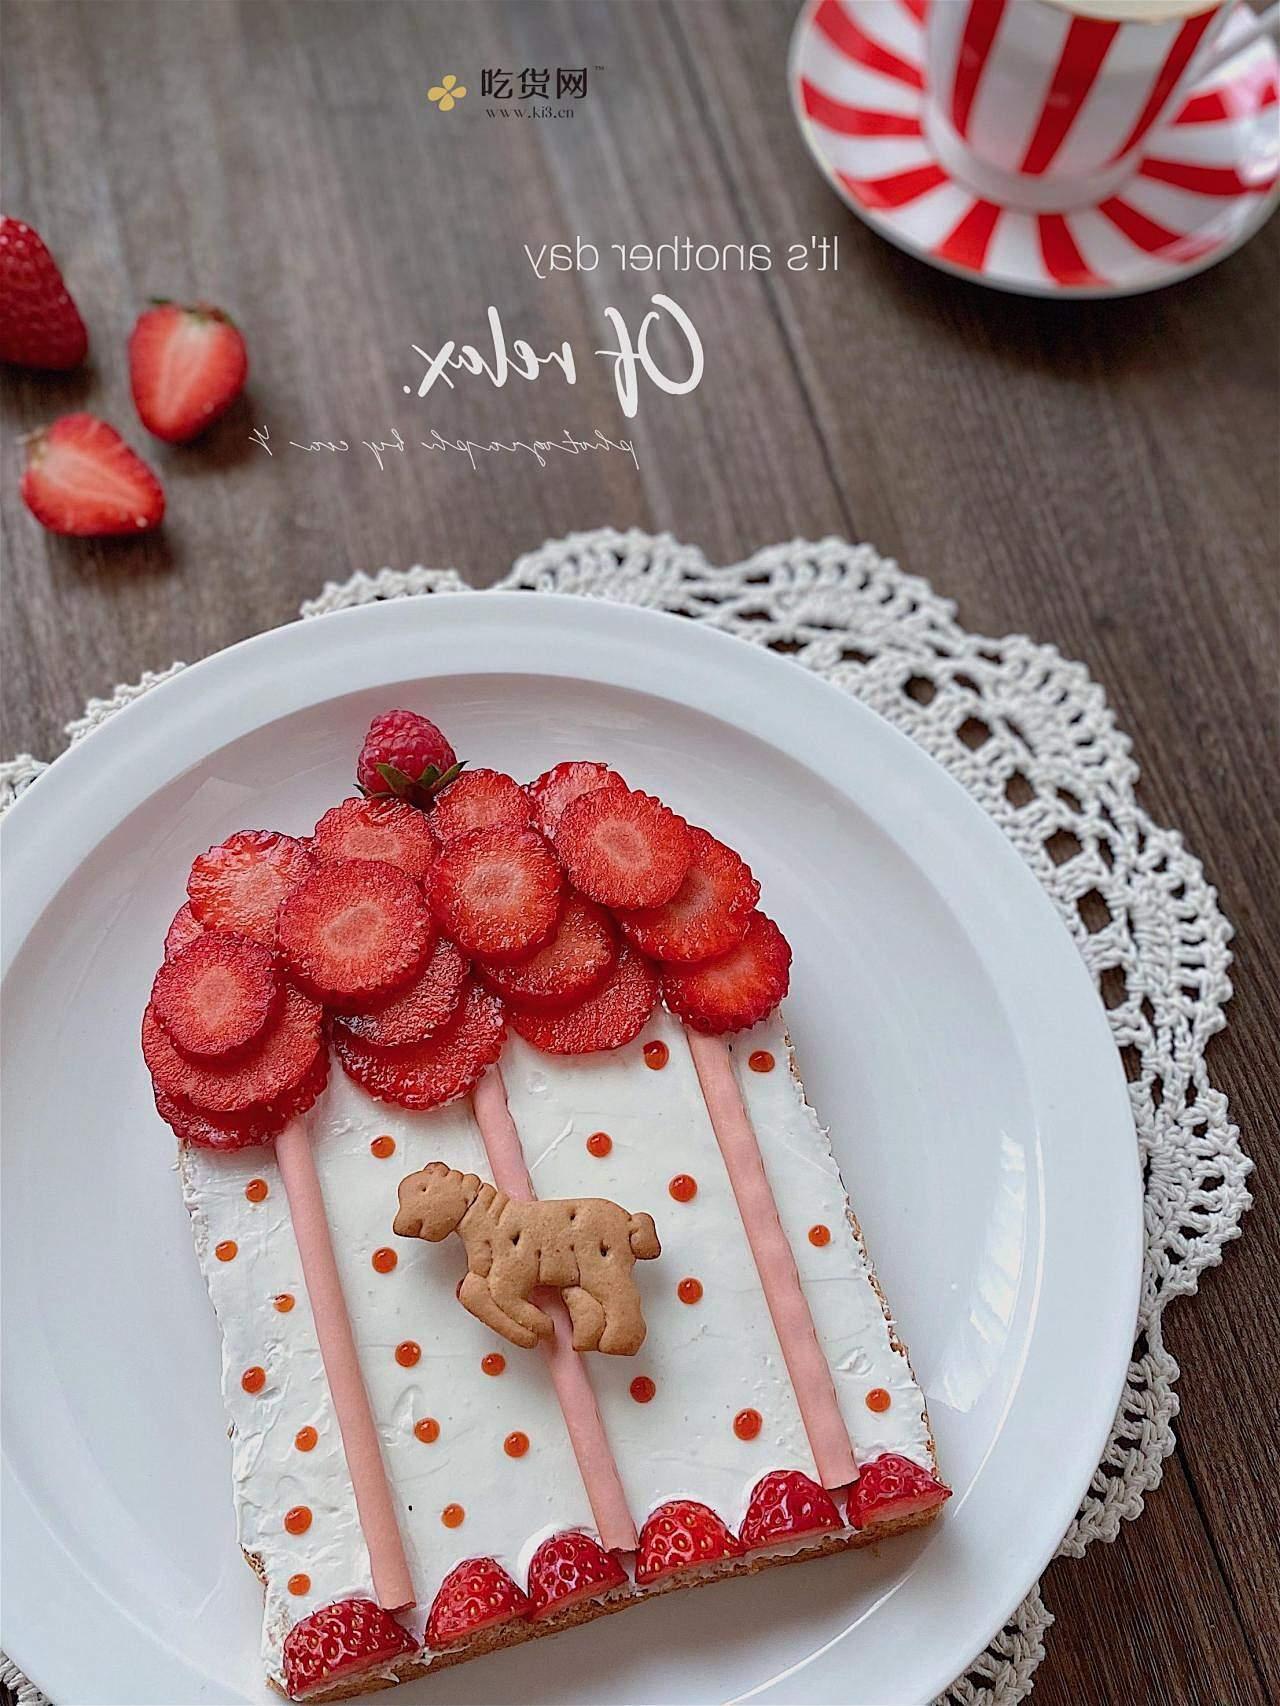 趣味早餐🔥童话世界❤️旋转木马🎠水果吐司的做法 步骤8